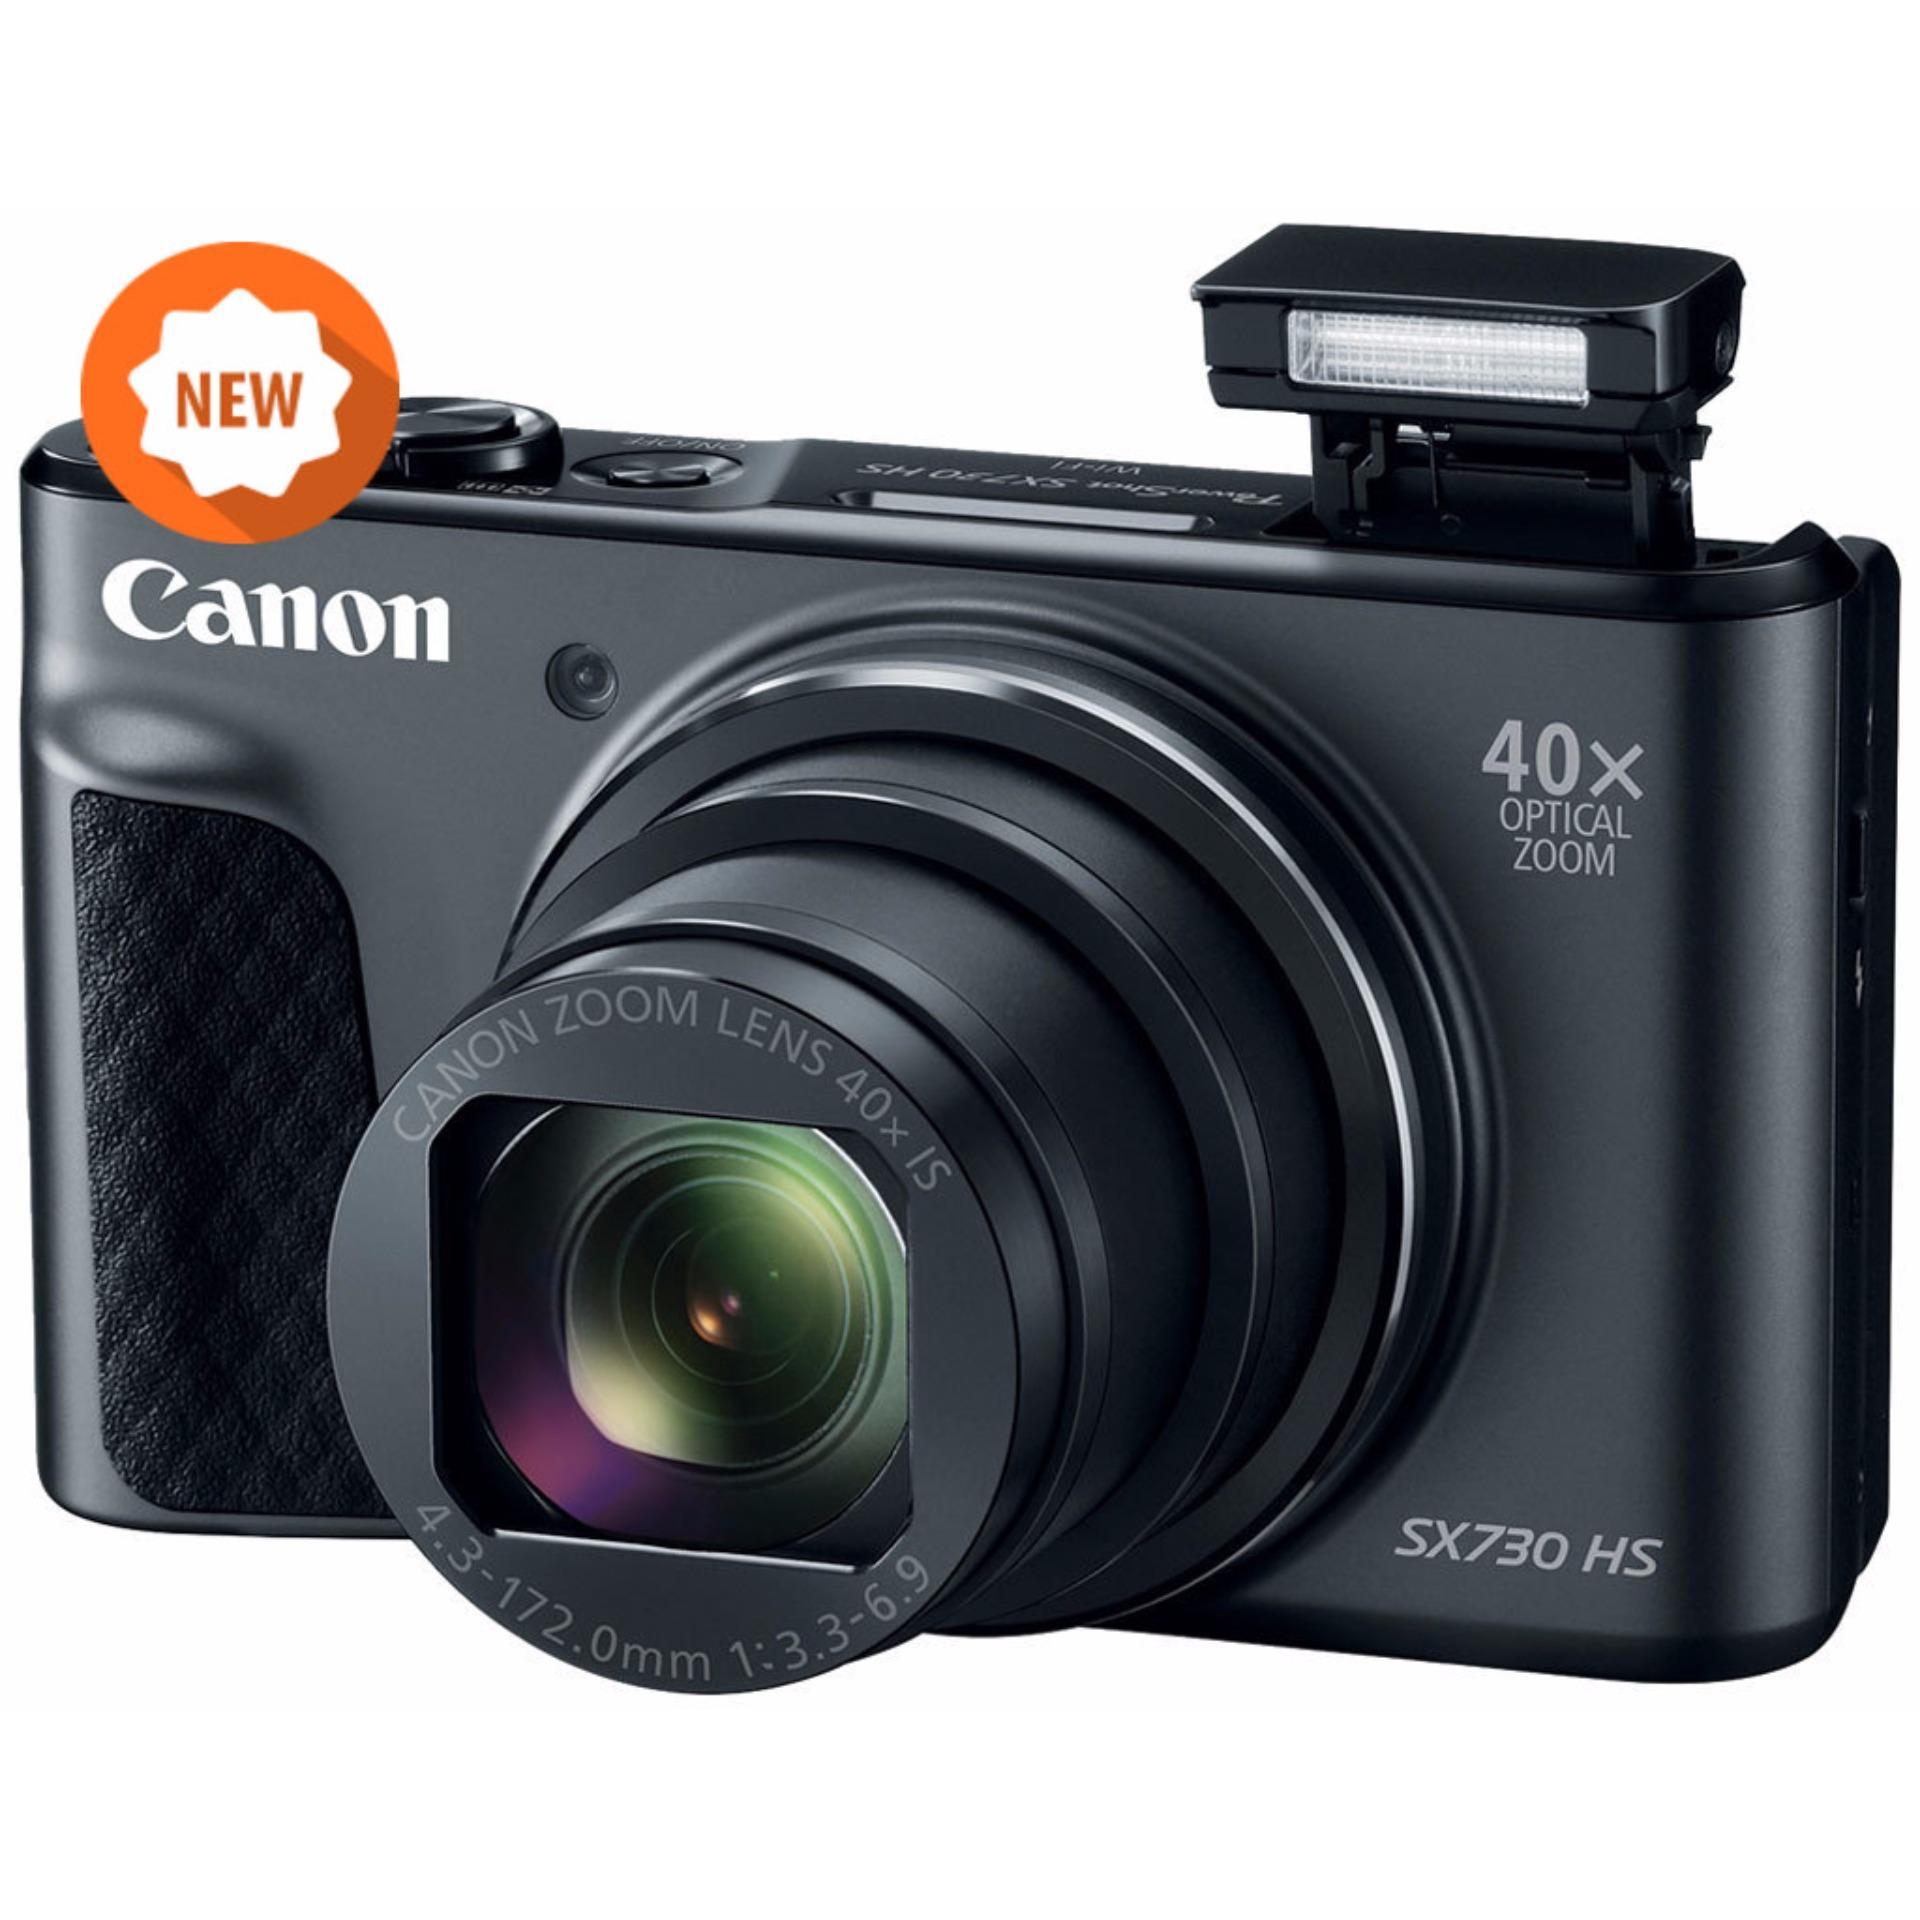 Canon Powershot SX730 HS (Black)